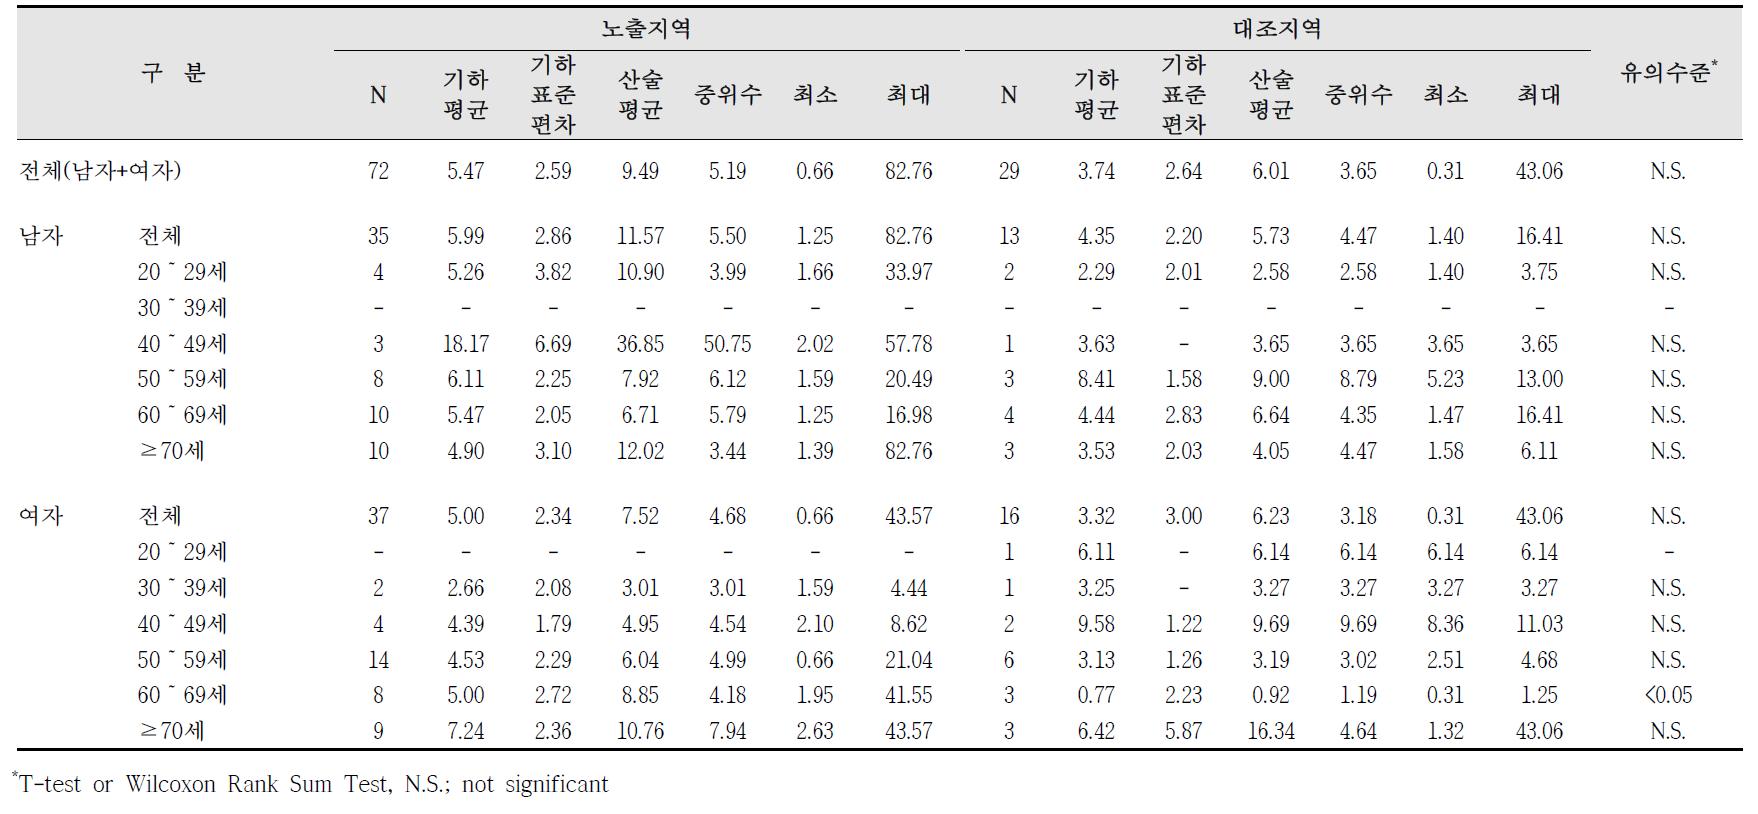 대산산업단지 요중 MBzP 농도 비교